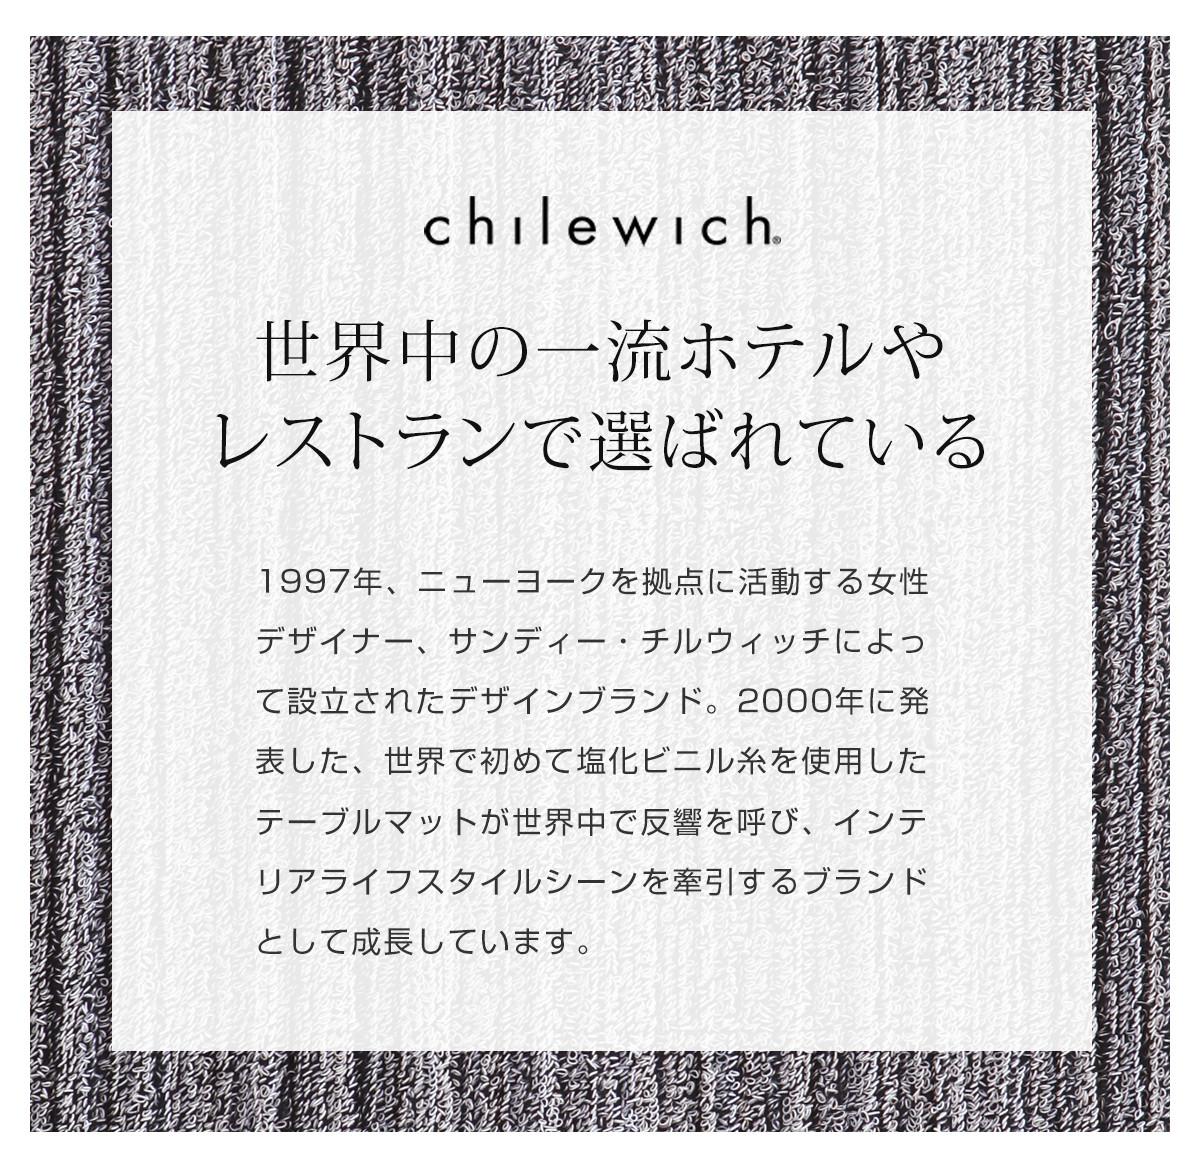 チルウィッチ キッチンマット スキニーストライプ ユーティリティマット 200133